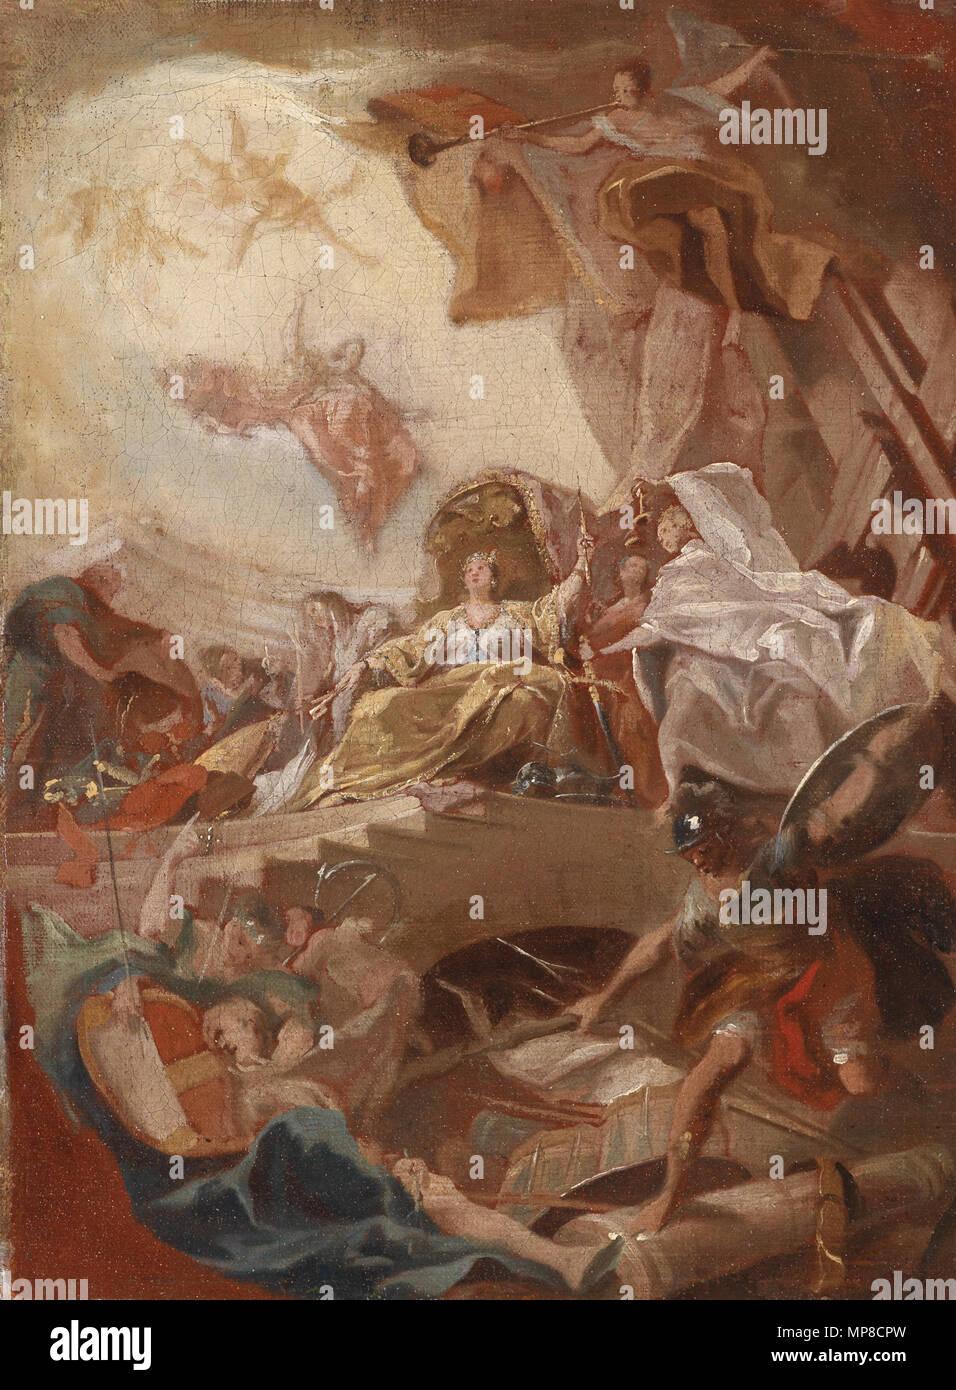 724 Johann Evangelist Holzer (circle) Allegorische Verherrlichung eines Fürstenhauses - Stock Image